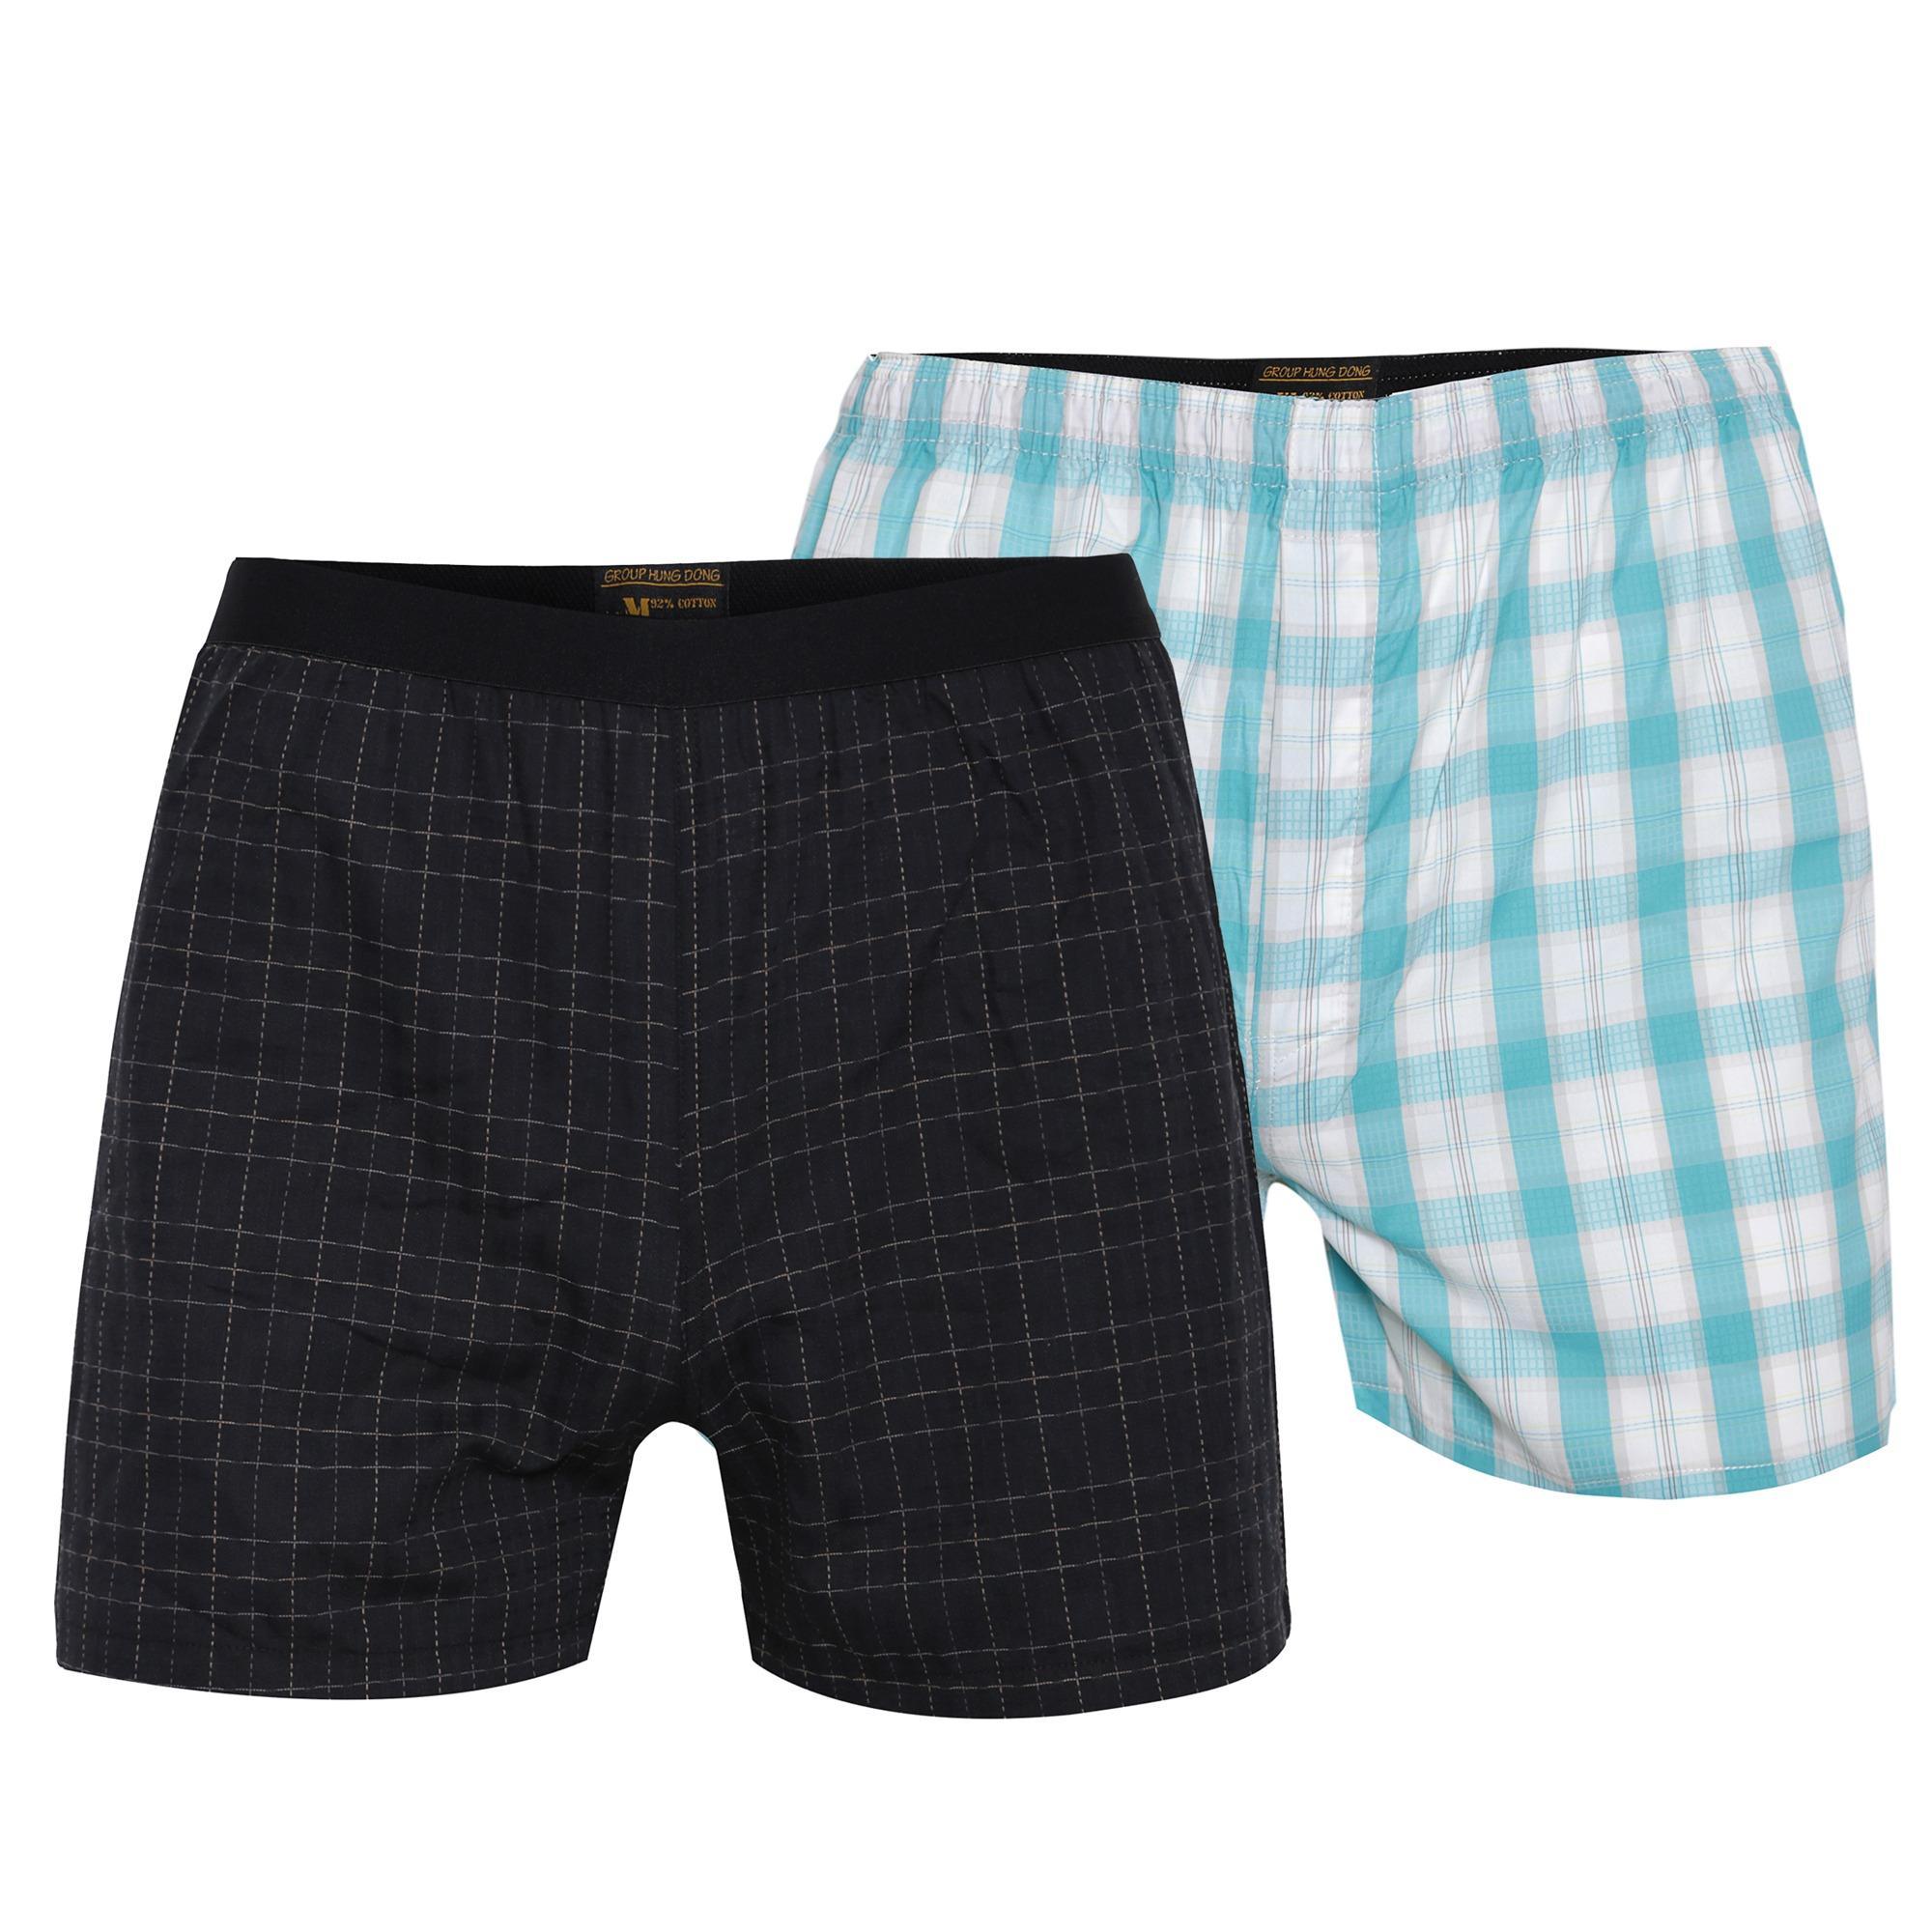 Combo 2 quần đùi mặc nhà cvring qd021 (đen, xanh da)